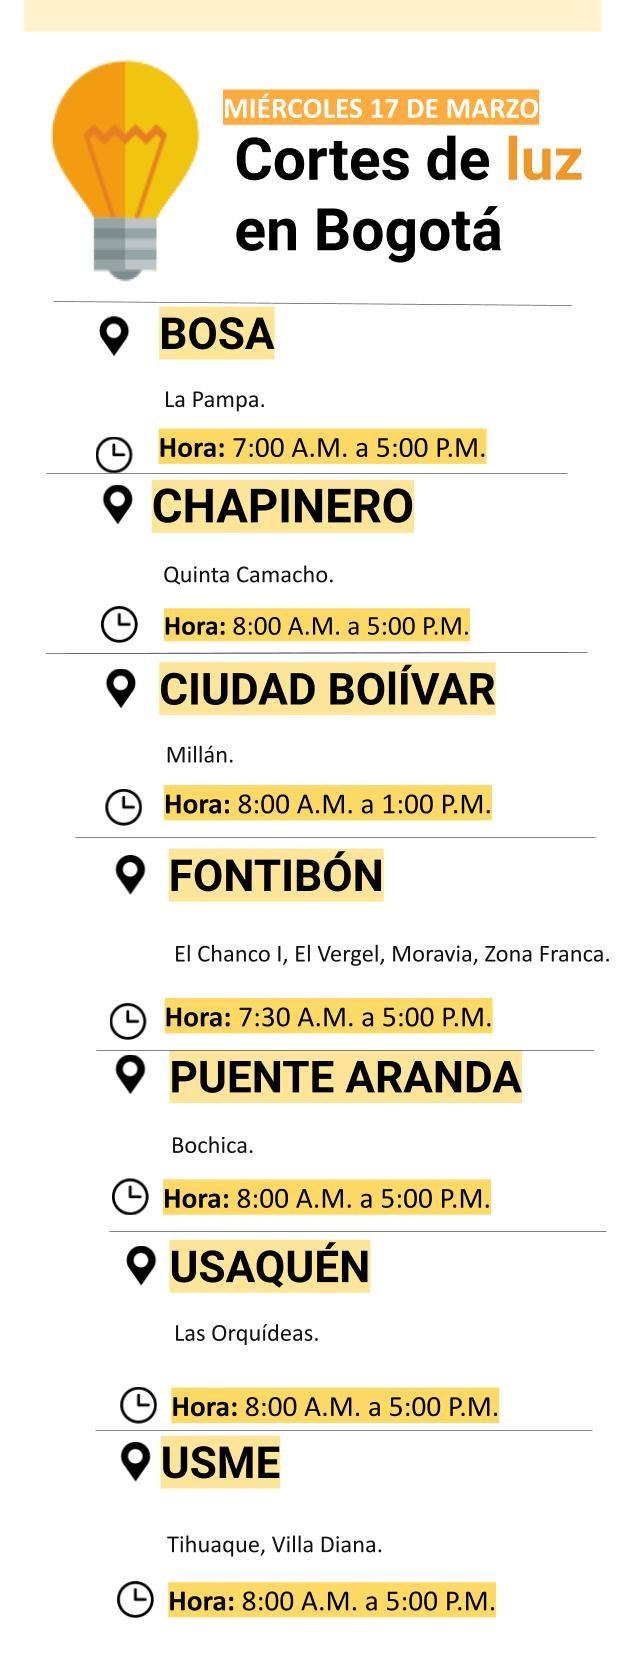 Cortes de luz para el miércoles 17 de marzo en Bogotá